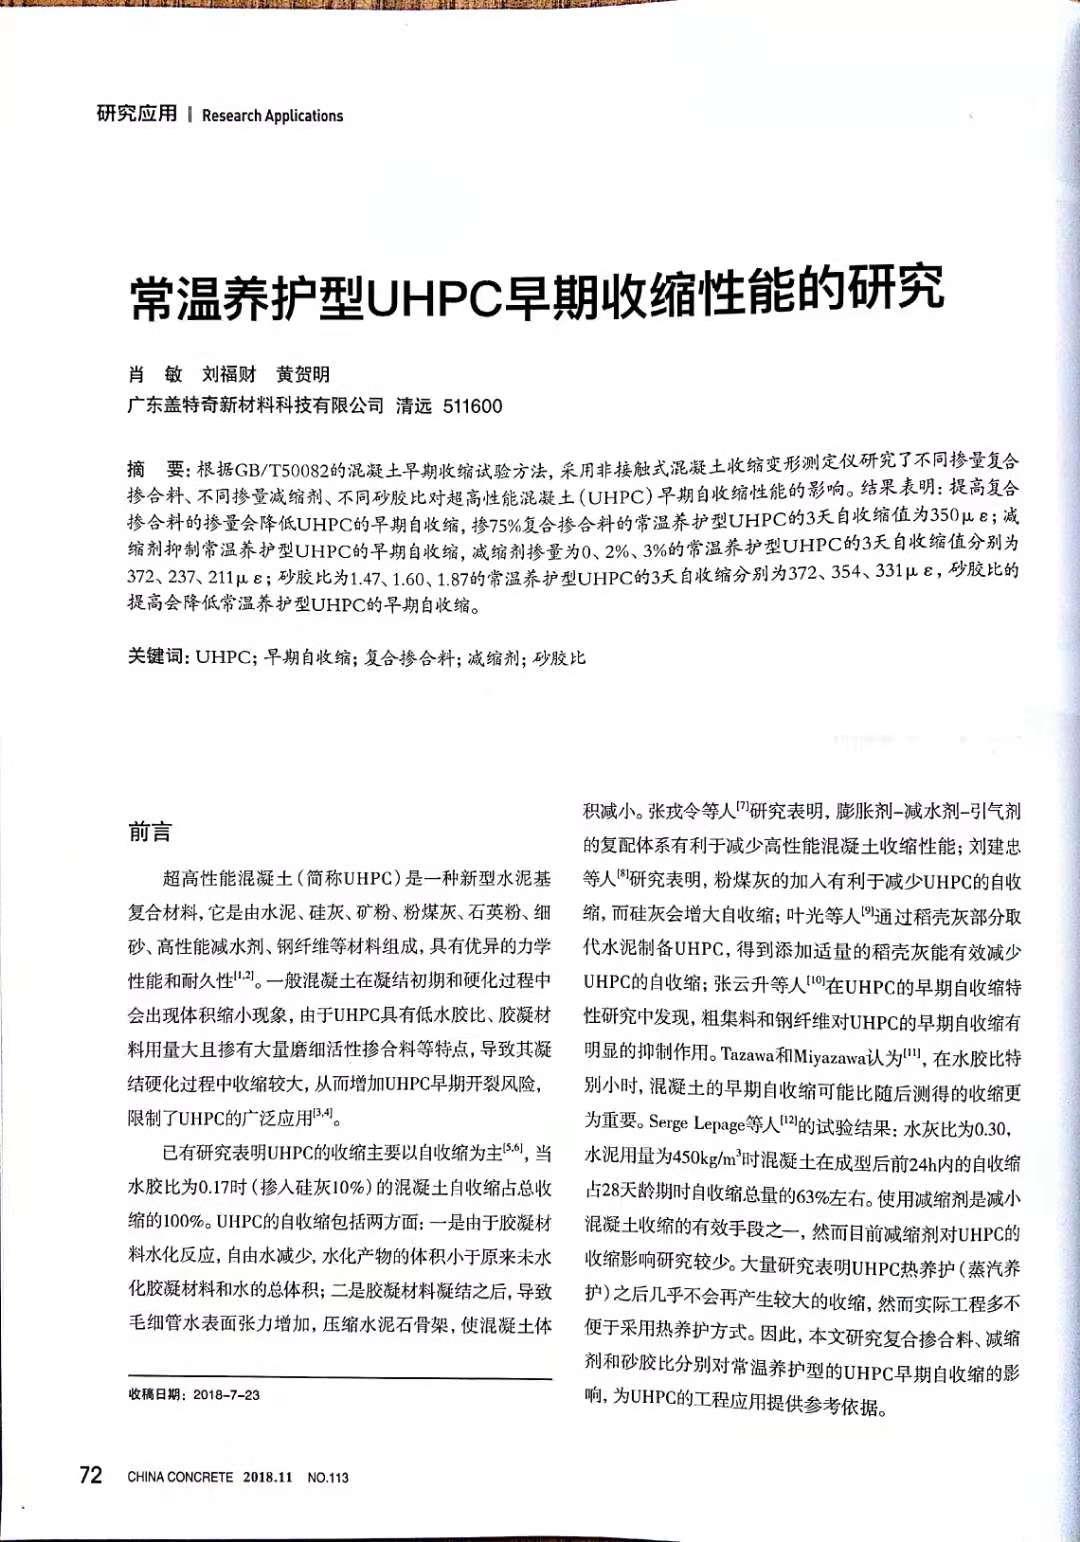 常温养护型UHPC早期收缩性能的研究